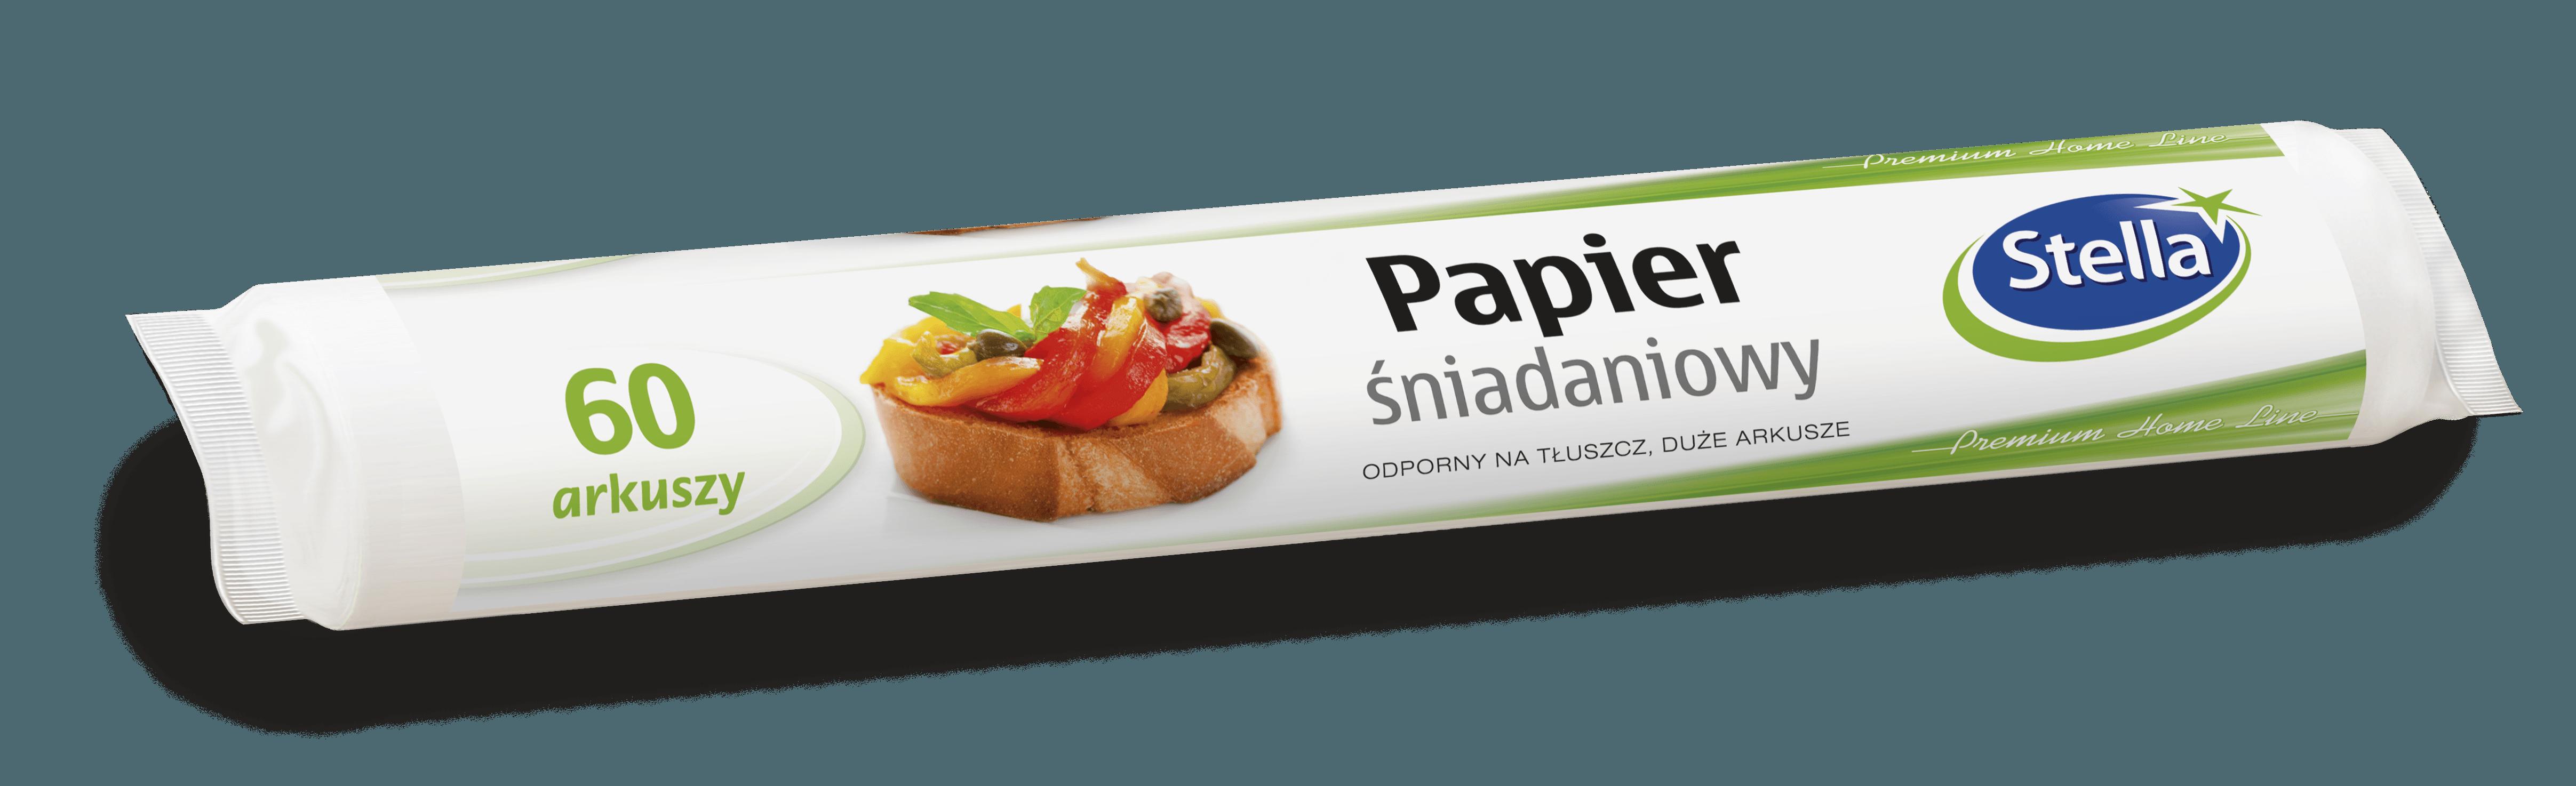 Papier śniadaniowy 60szt. rolka STELLA